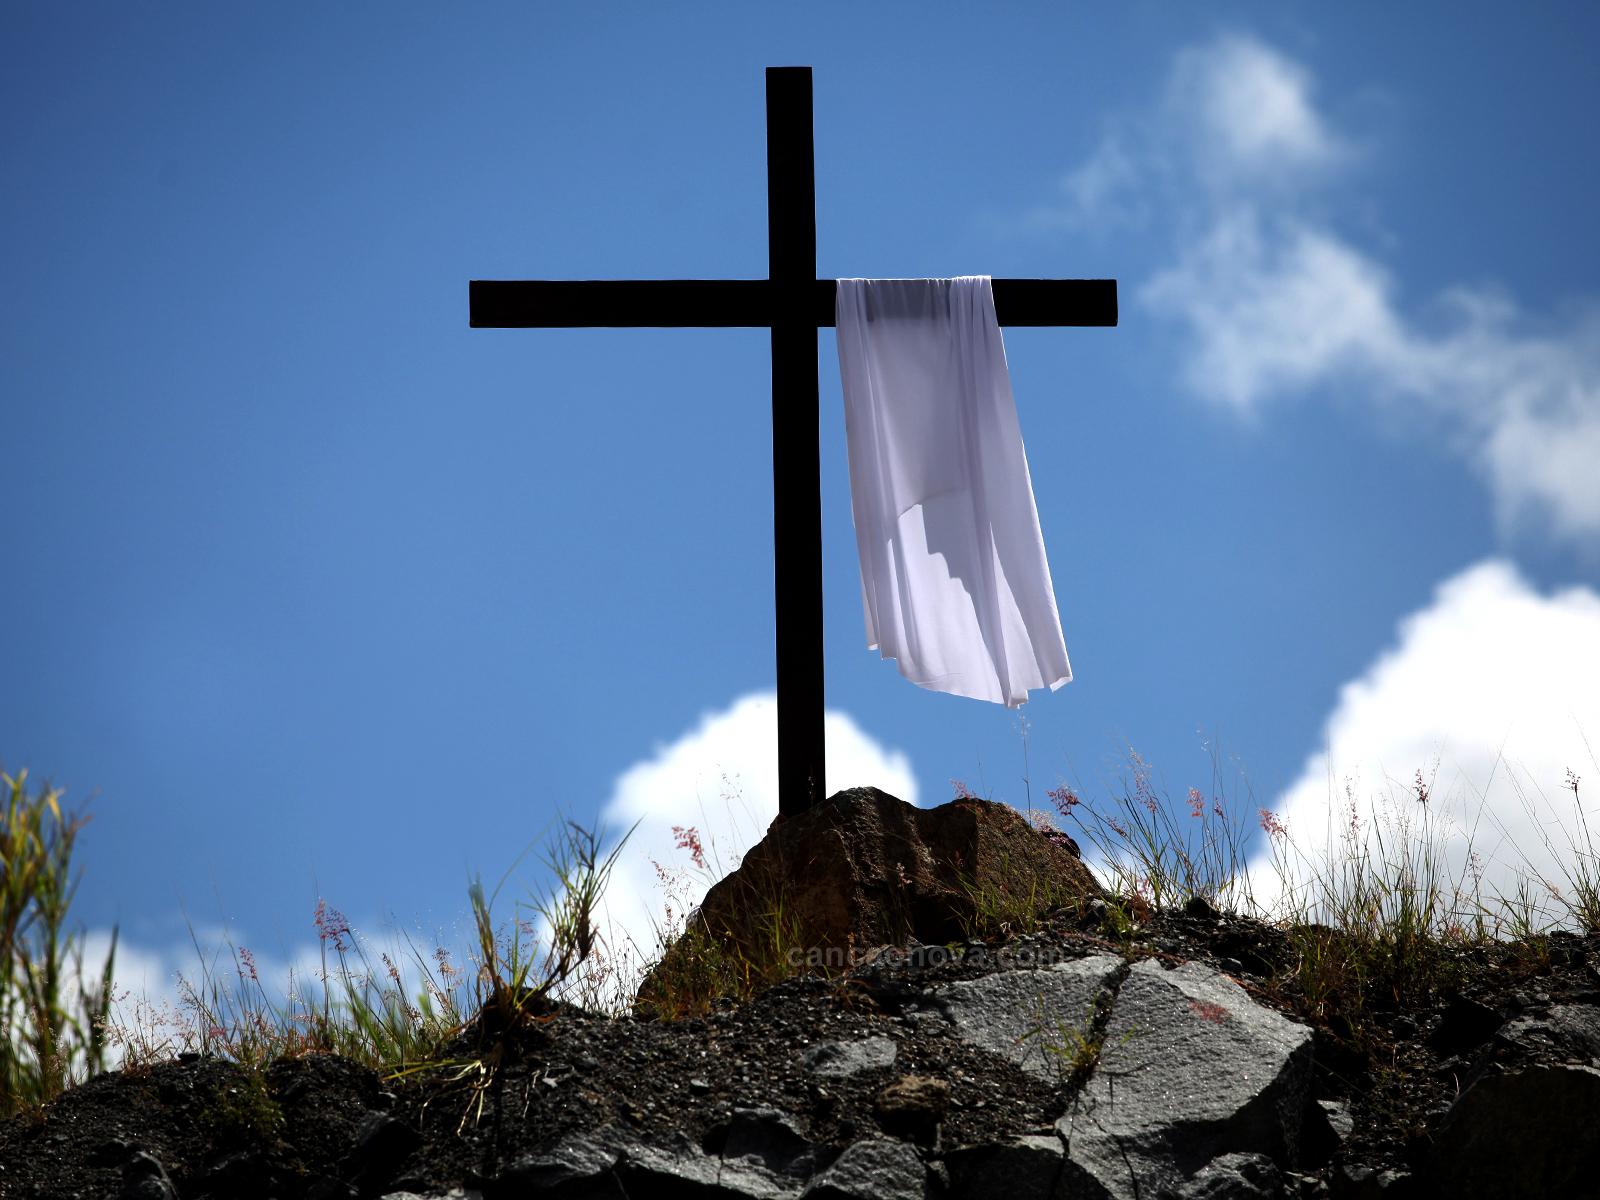 Celebrar a Semana Santa é celebrara vida, a vitória para sempre - 1600x1200